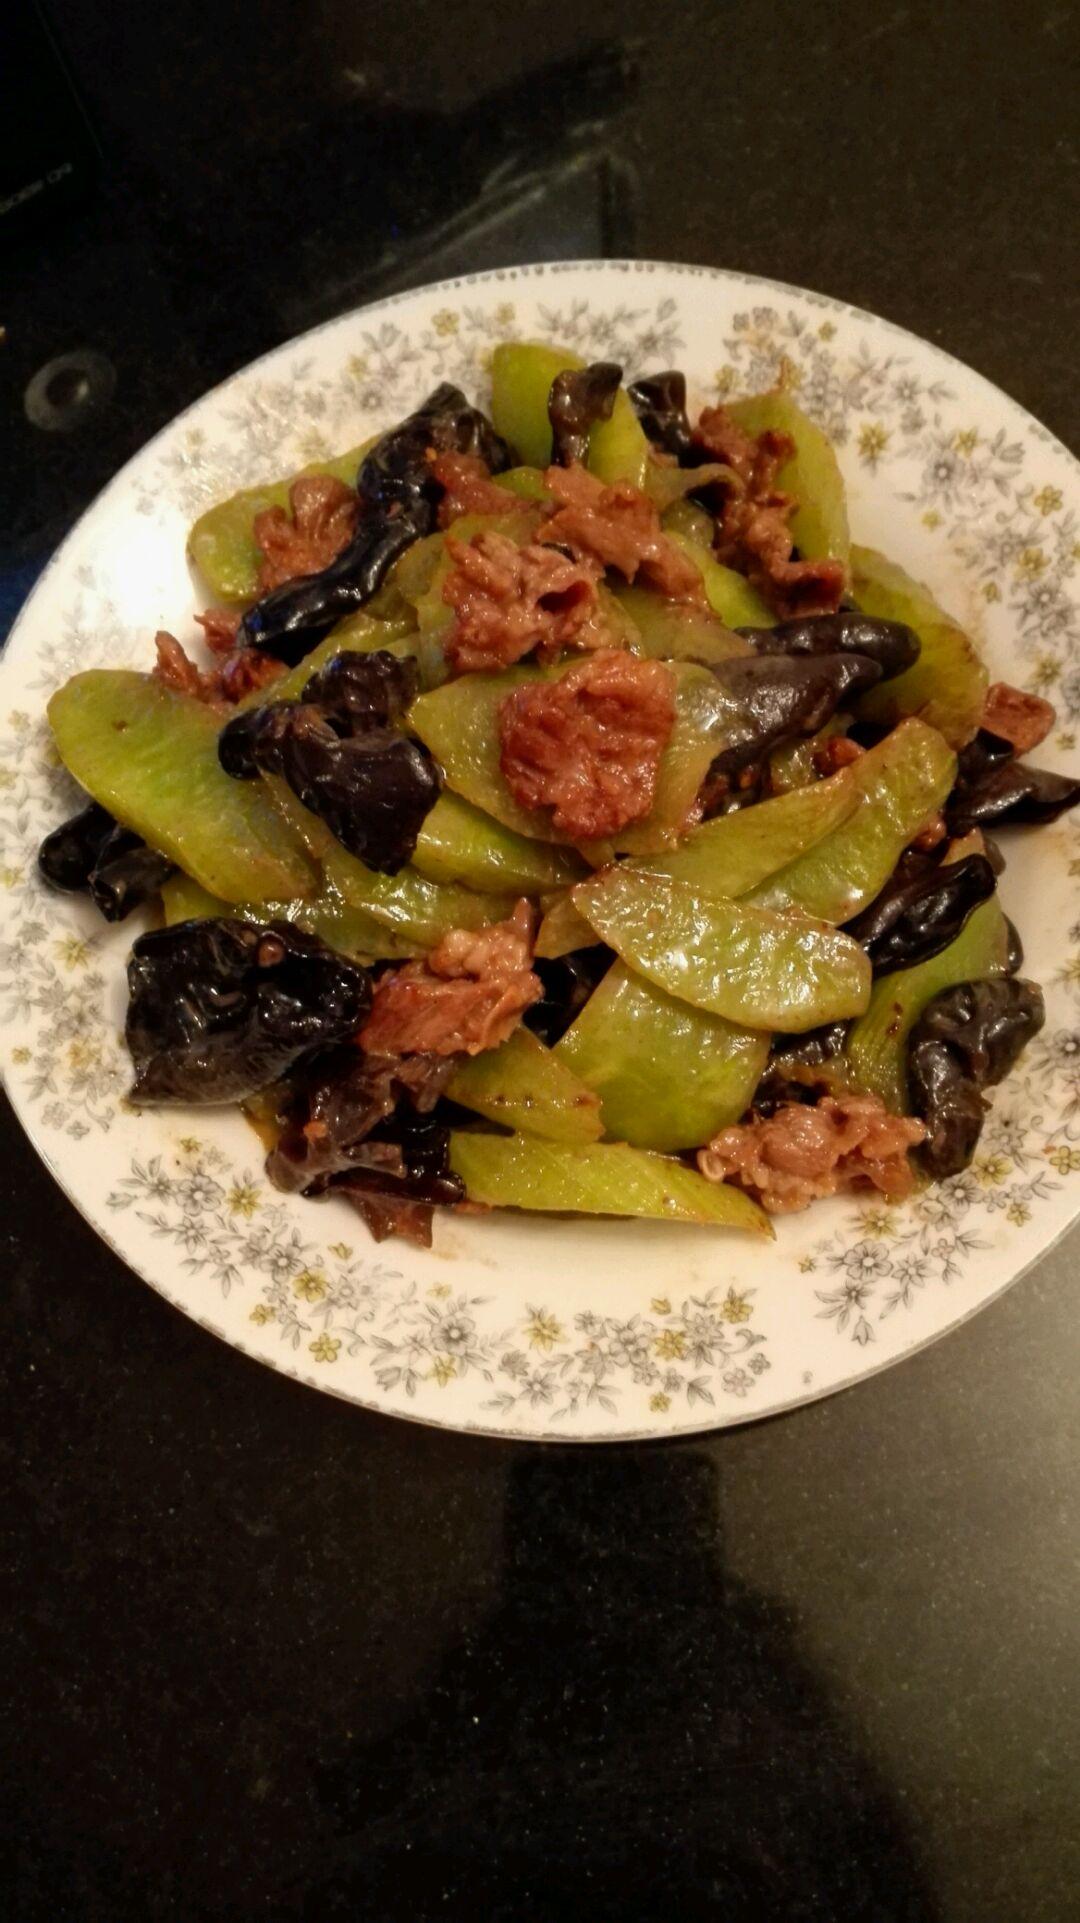 莴笋木耳炒肉的做法_莴苣木耳炒牛肉的做法_菜谱_豆果美食